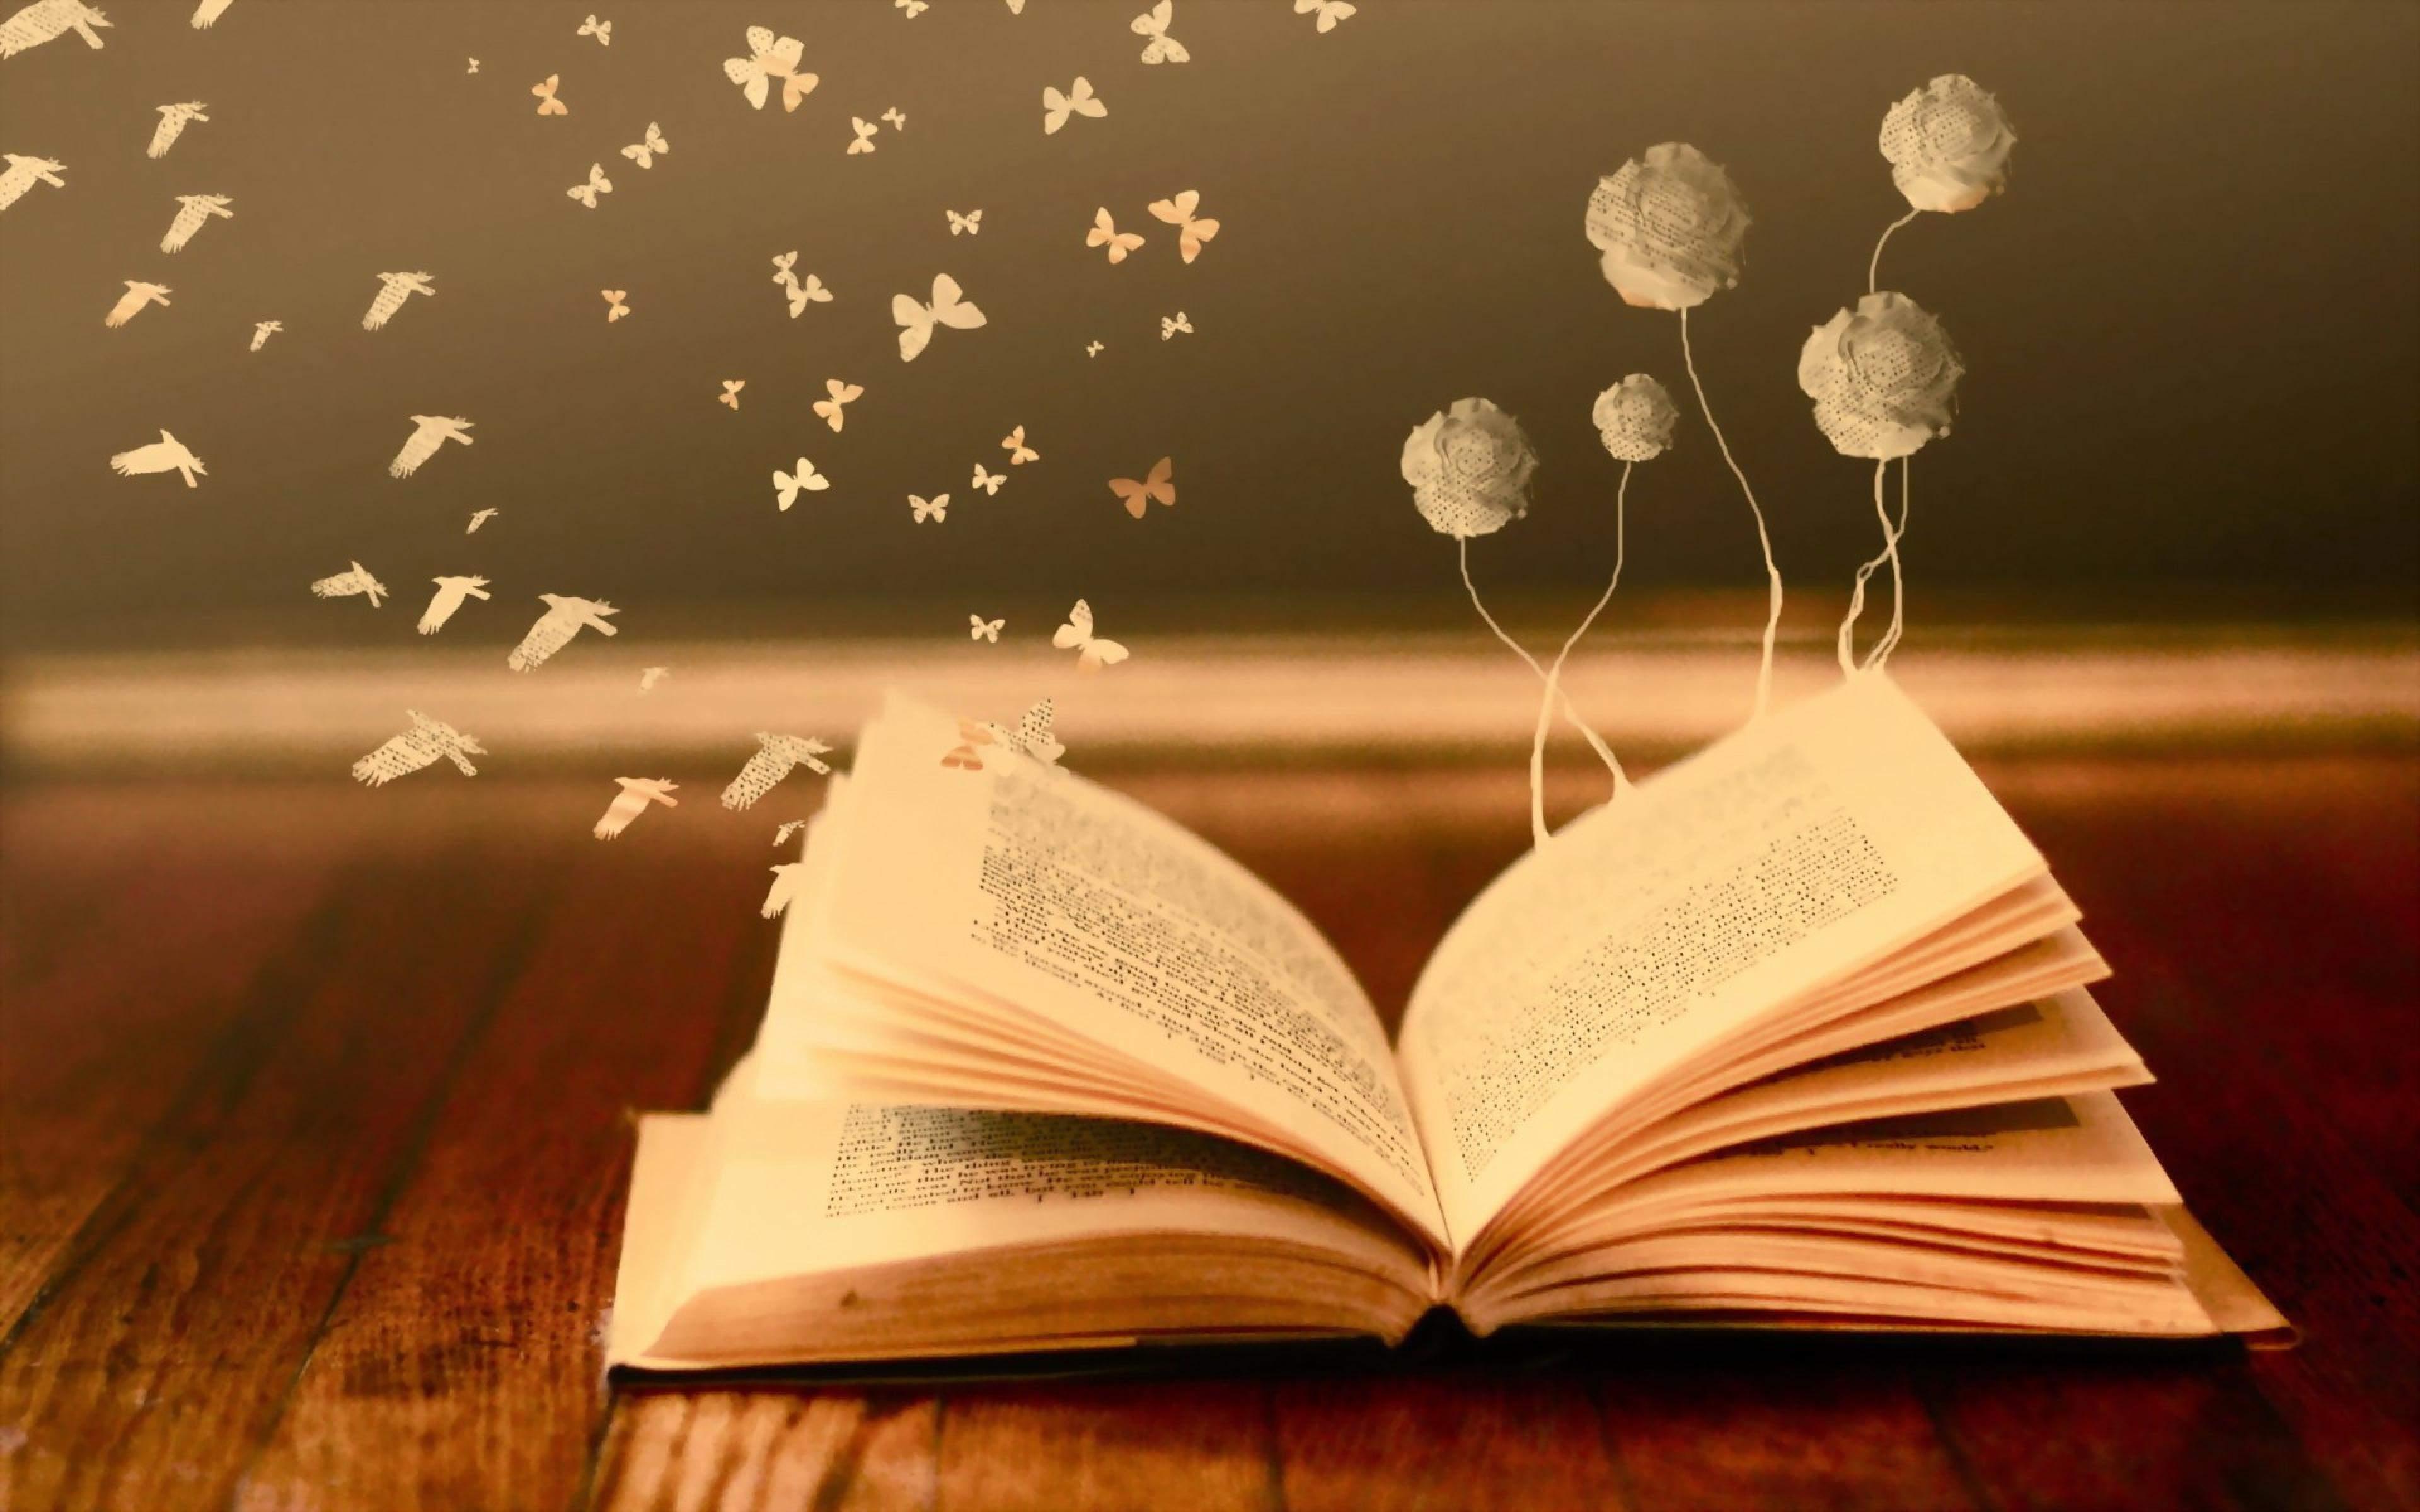 Phương pháp đọc nhanh, hiểu sâu, nhớ lâu trọn đời - Đọc sách hô hấp